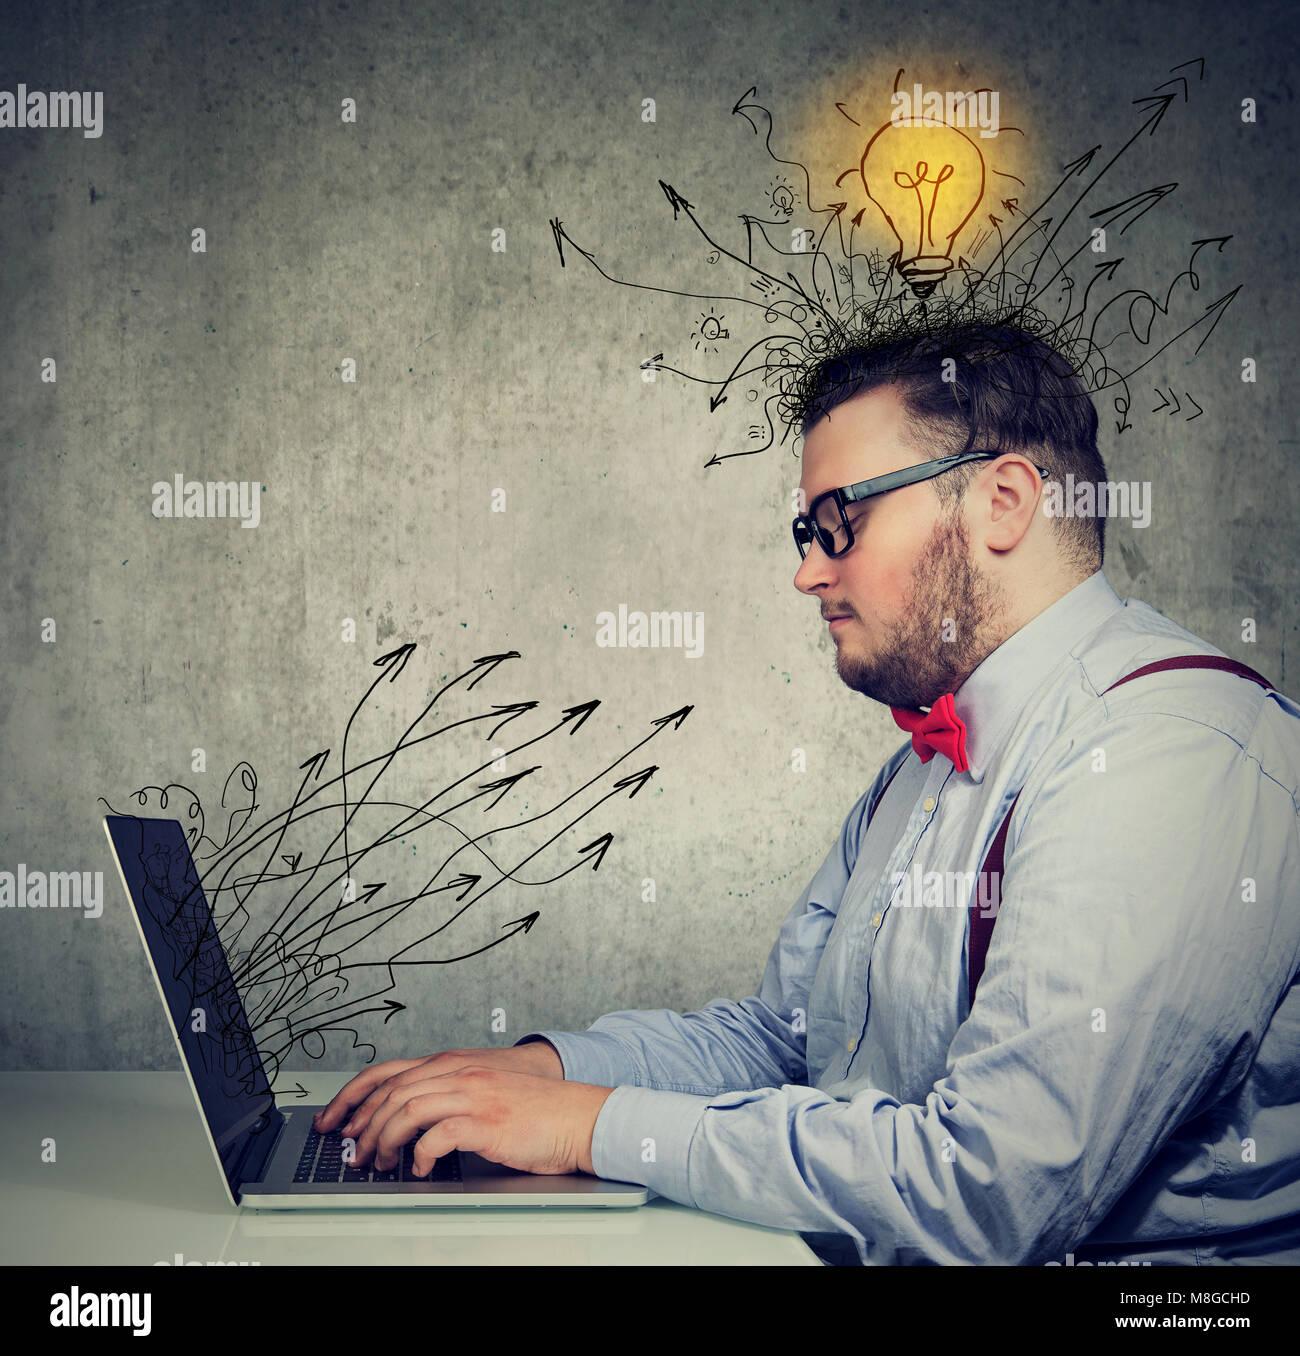 El hombre de negocios joven trabajando en el portátil tiene ideas brillantes Imagen De Stock